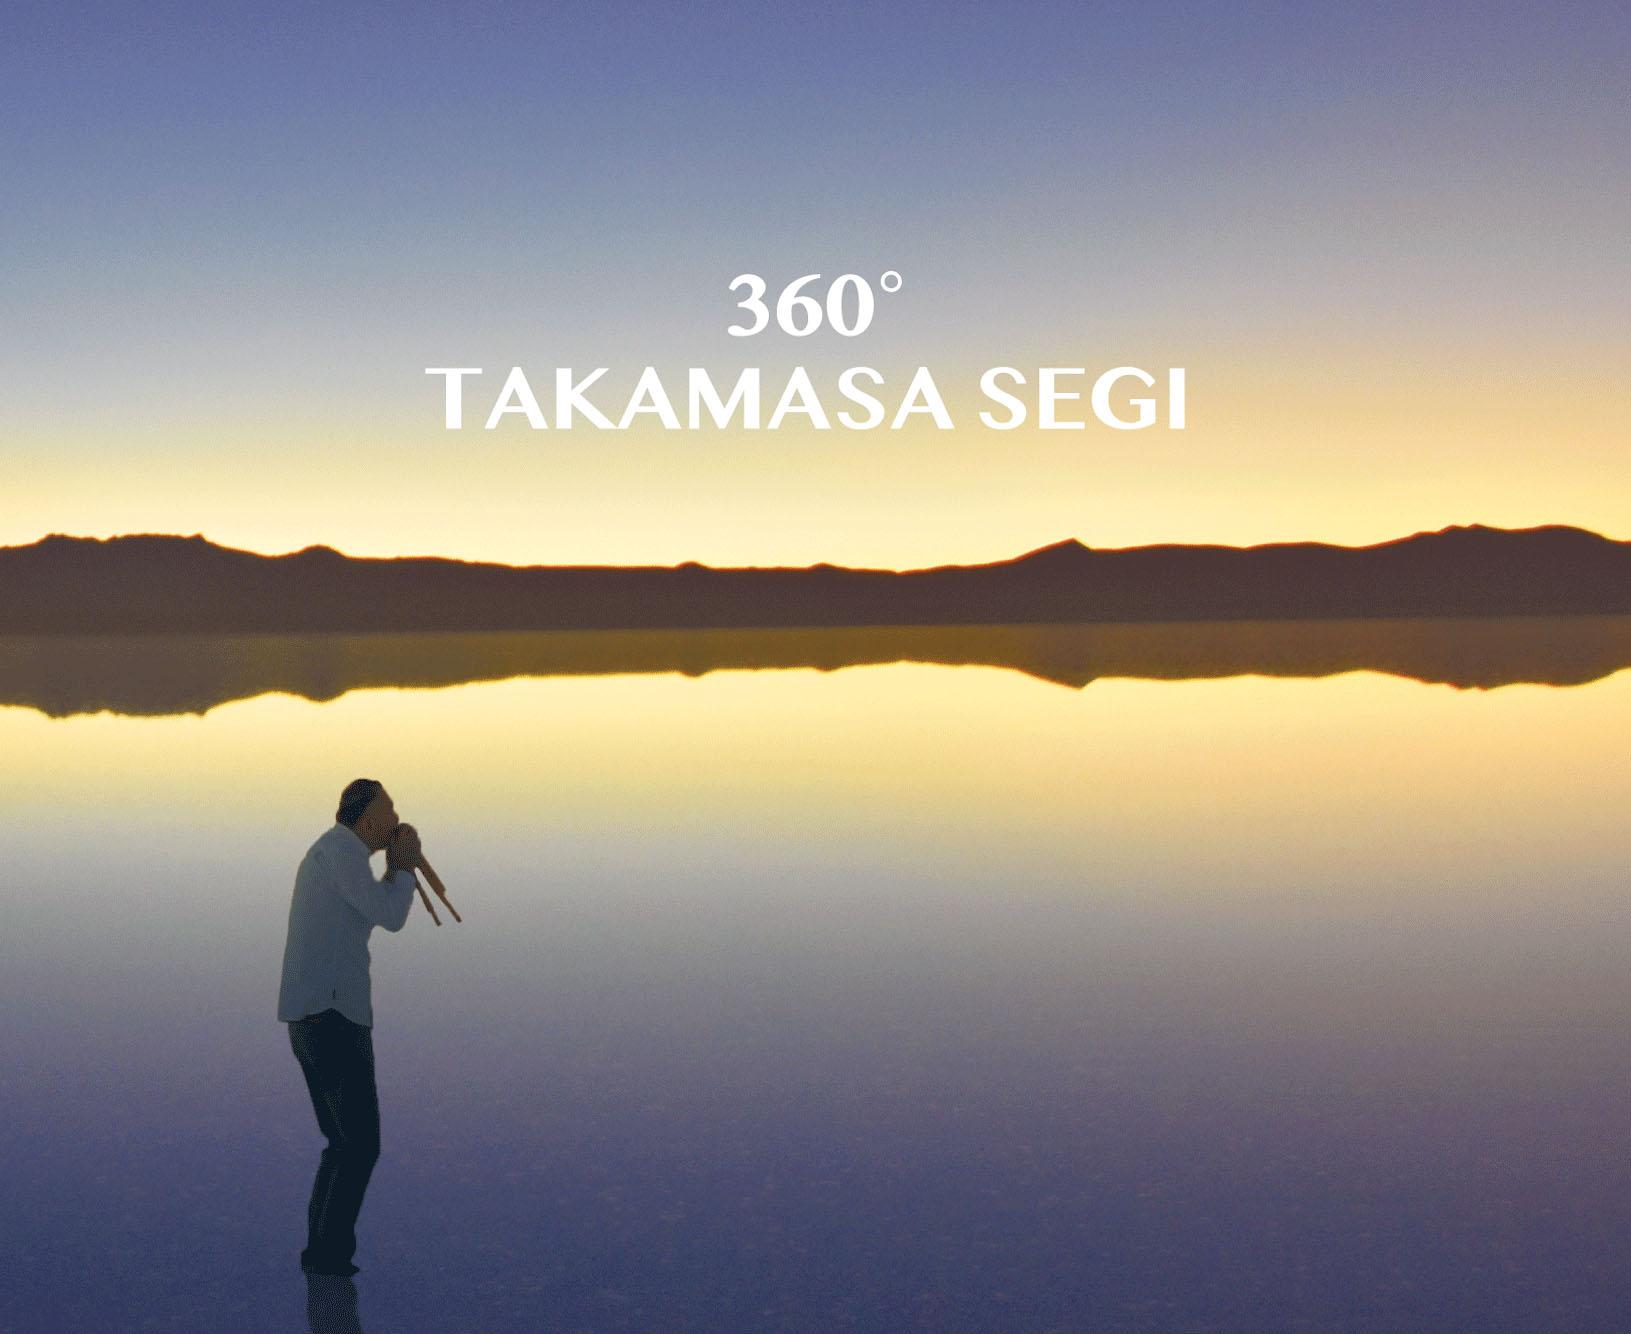 【11/28】瀬木貴将ソロパフォーマンス「秘境の音楽」サンポーニャとケーナの音色で壮大な世界観を。